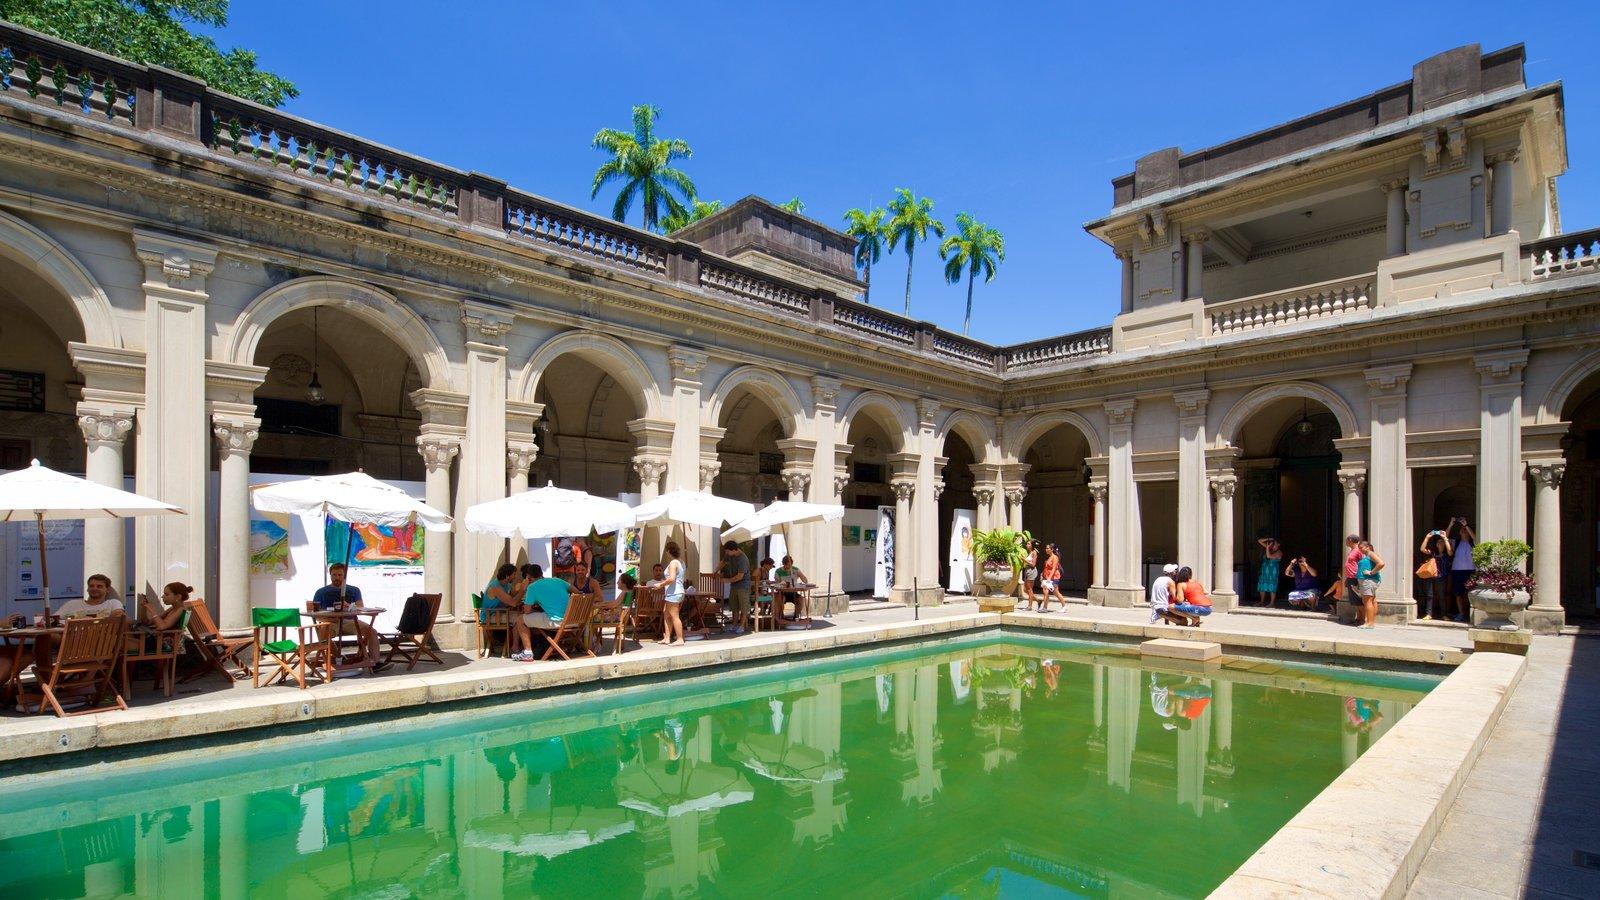 Parque Henrique Lage mostrando uma piscina e elementos de patrimônio assim como um pequeno grupo de pessoas